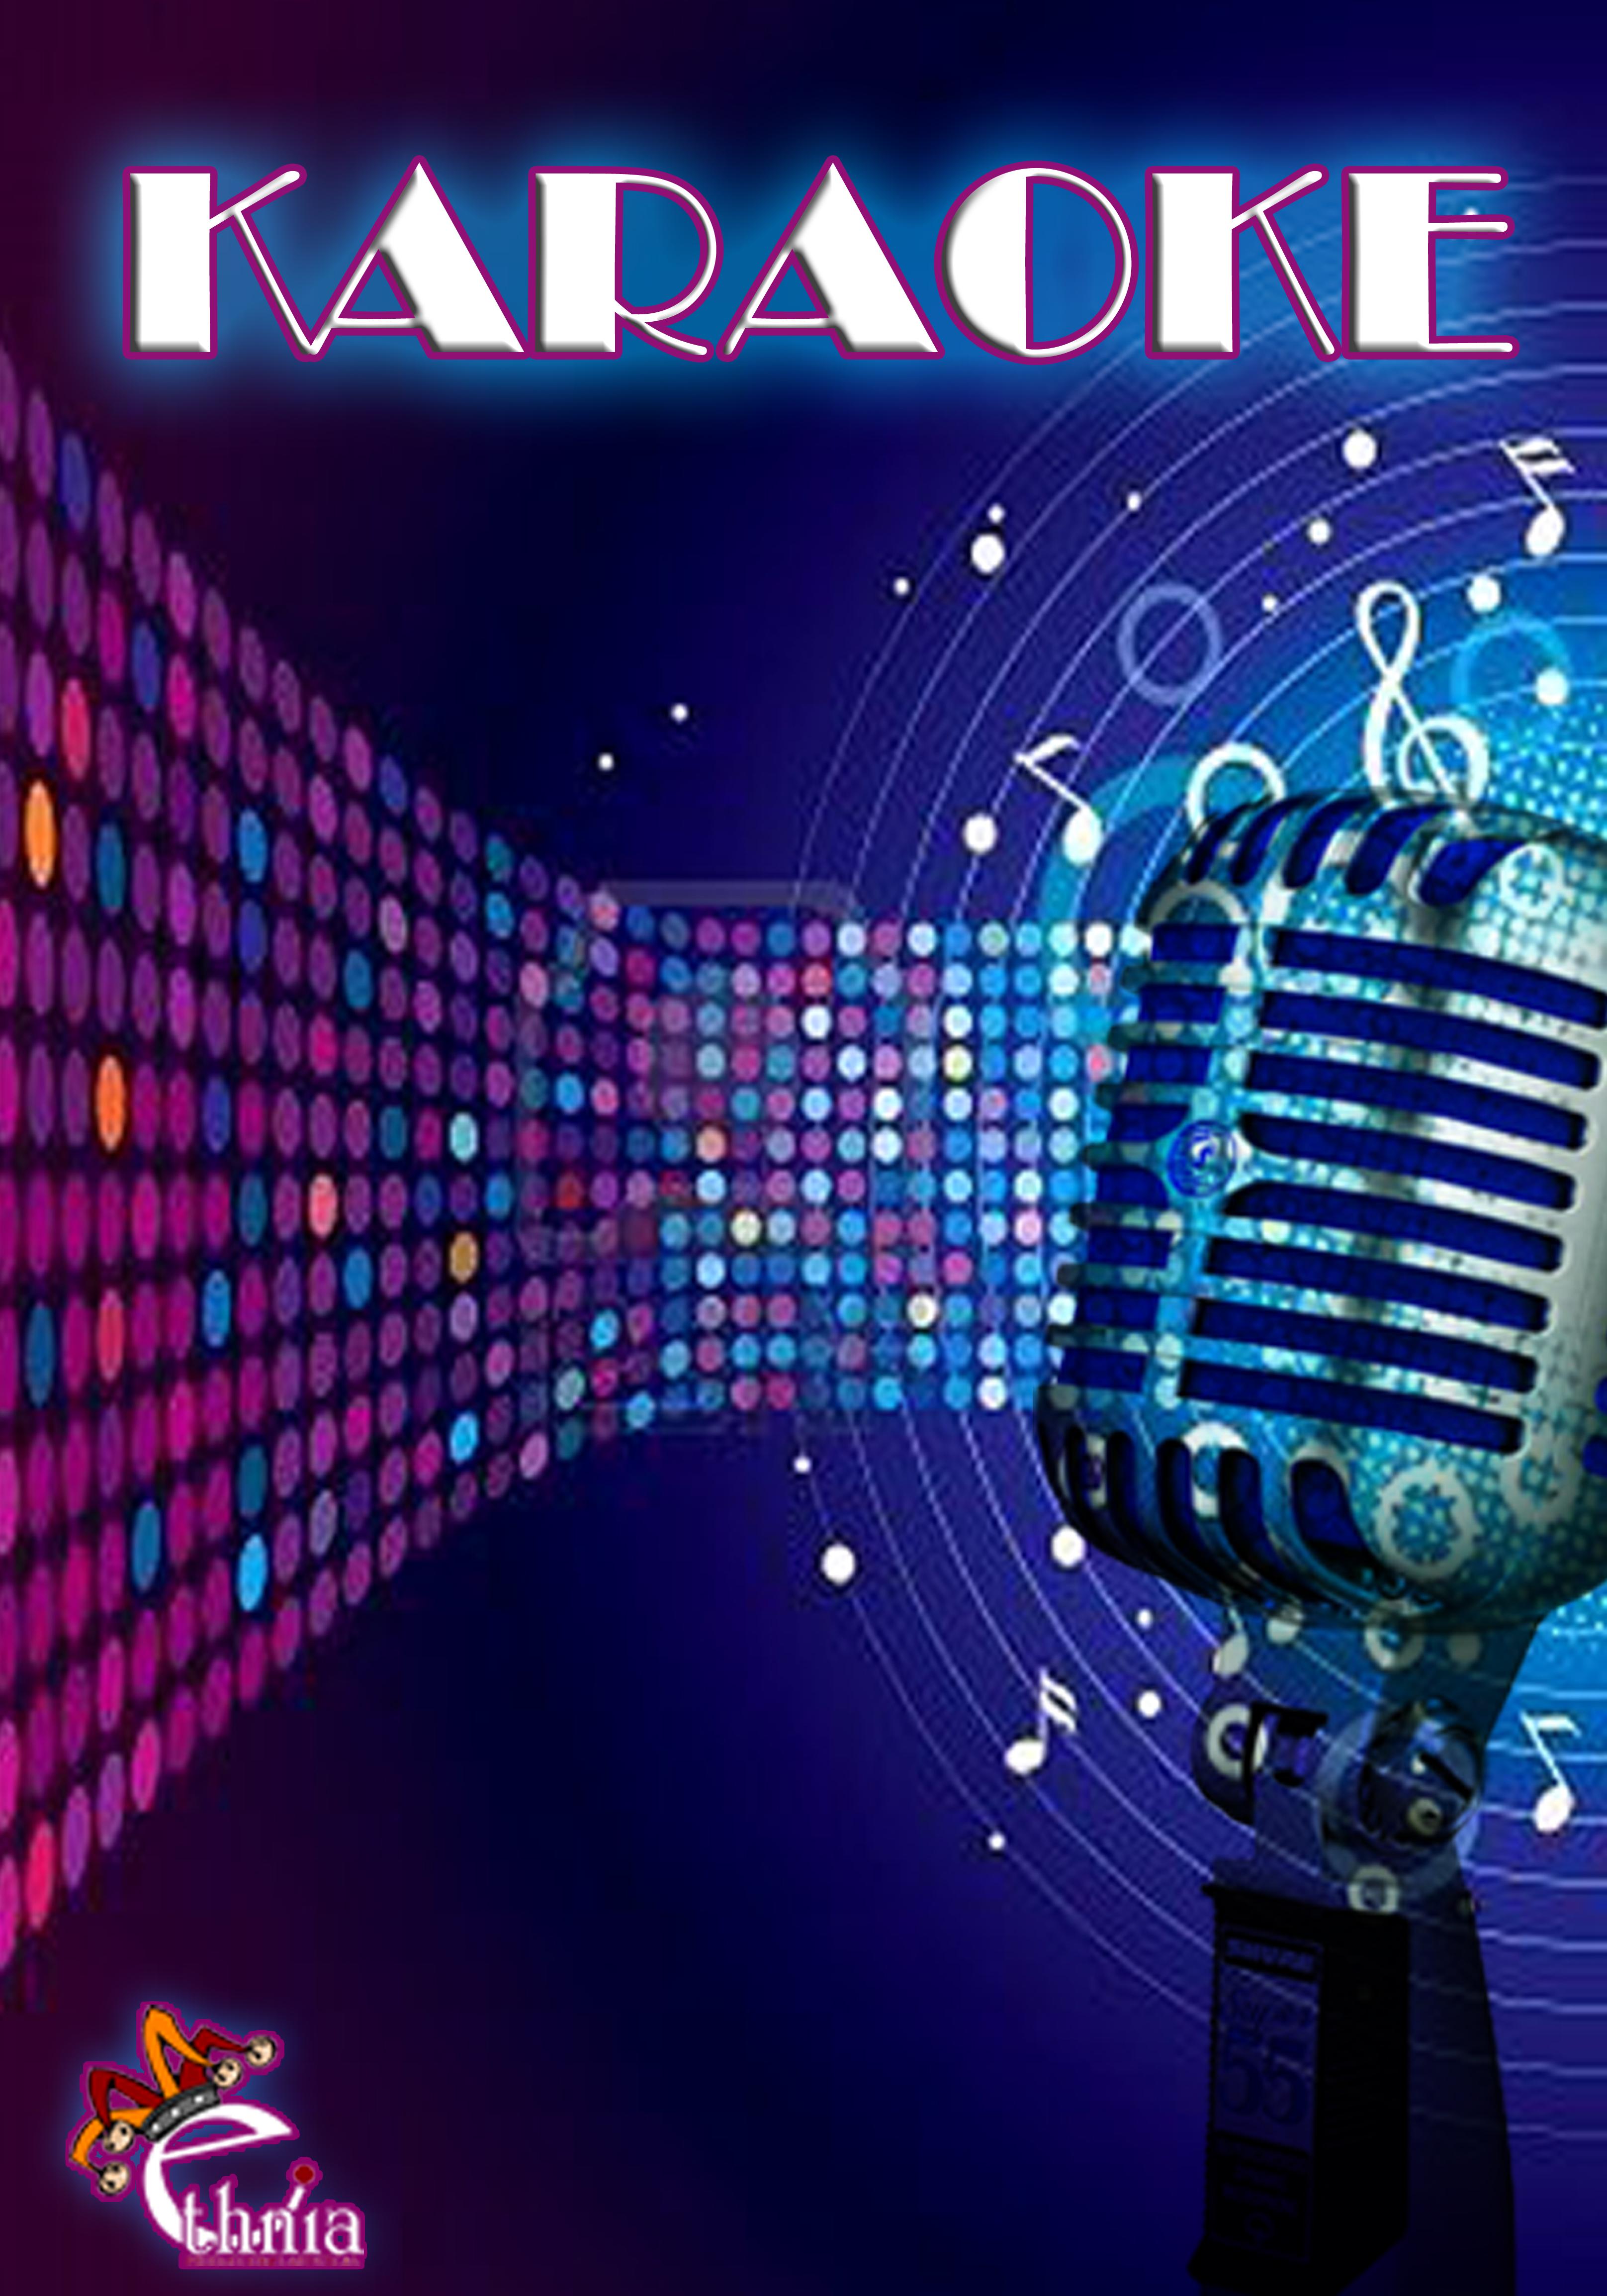 Karaoke | ETHNIA PRODUCCIONES ARTÍSTICAS